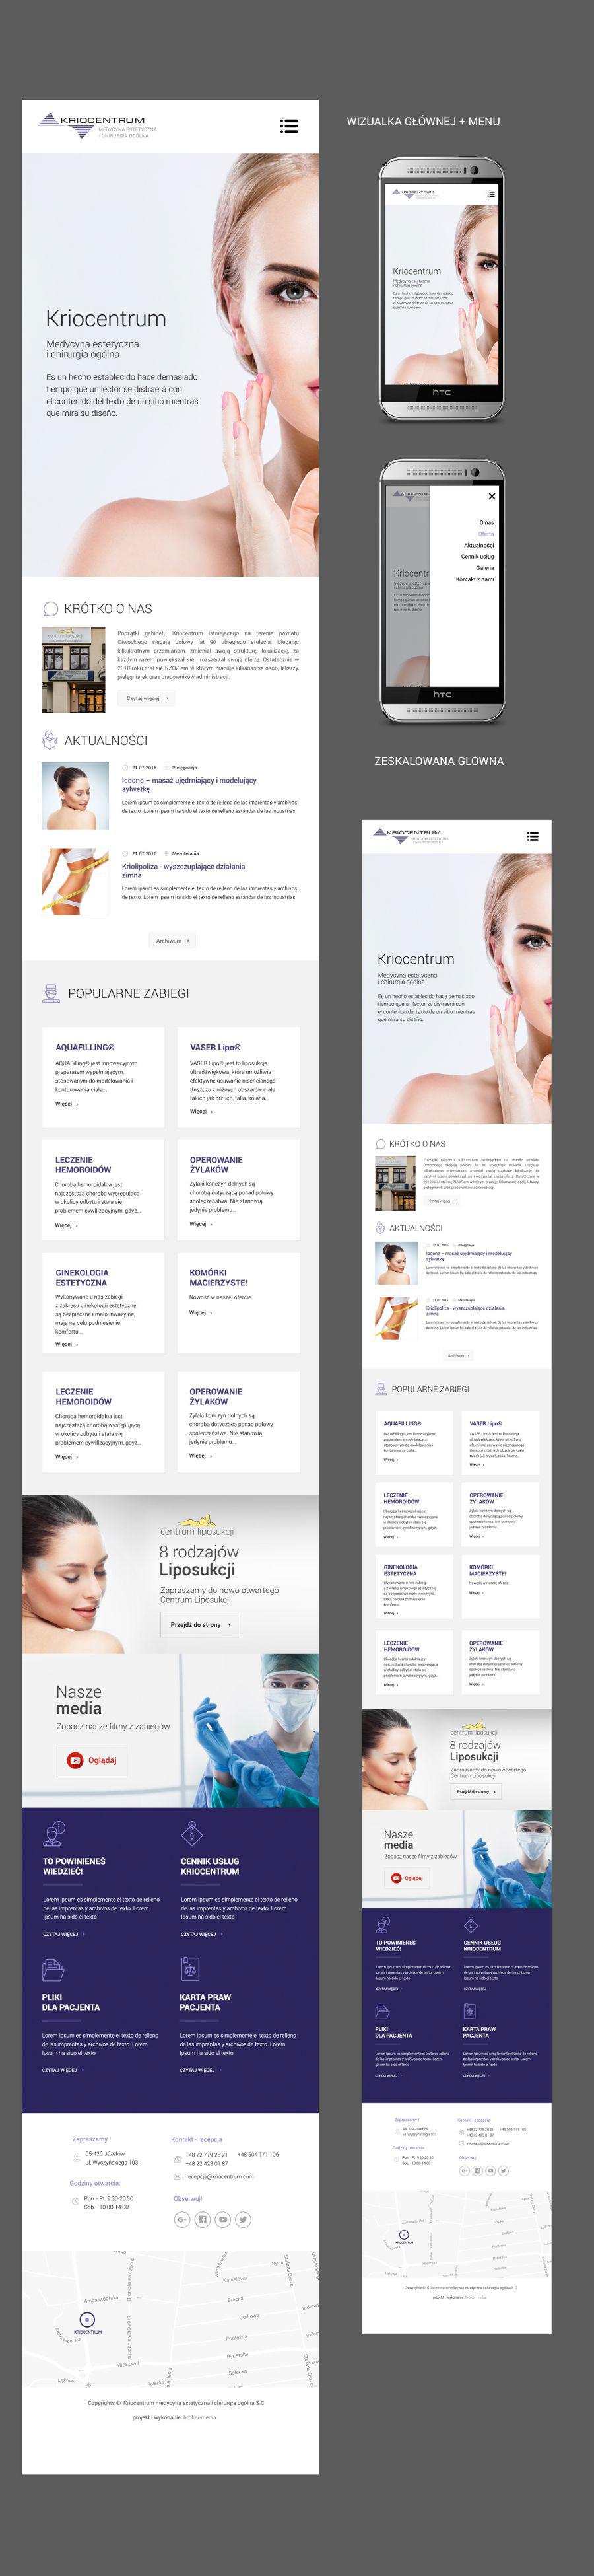 rwd Responsive Medical Clinic mobile website strona www strona internetowa mobilna strona www responsywana strona